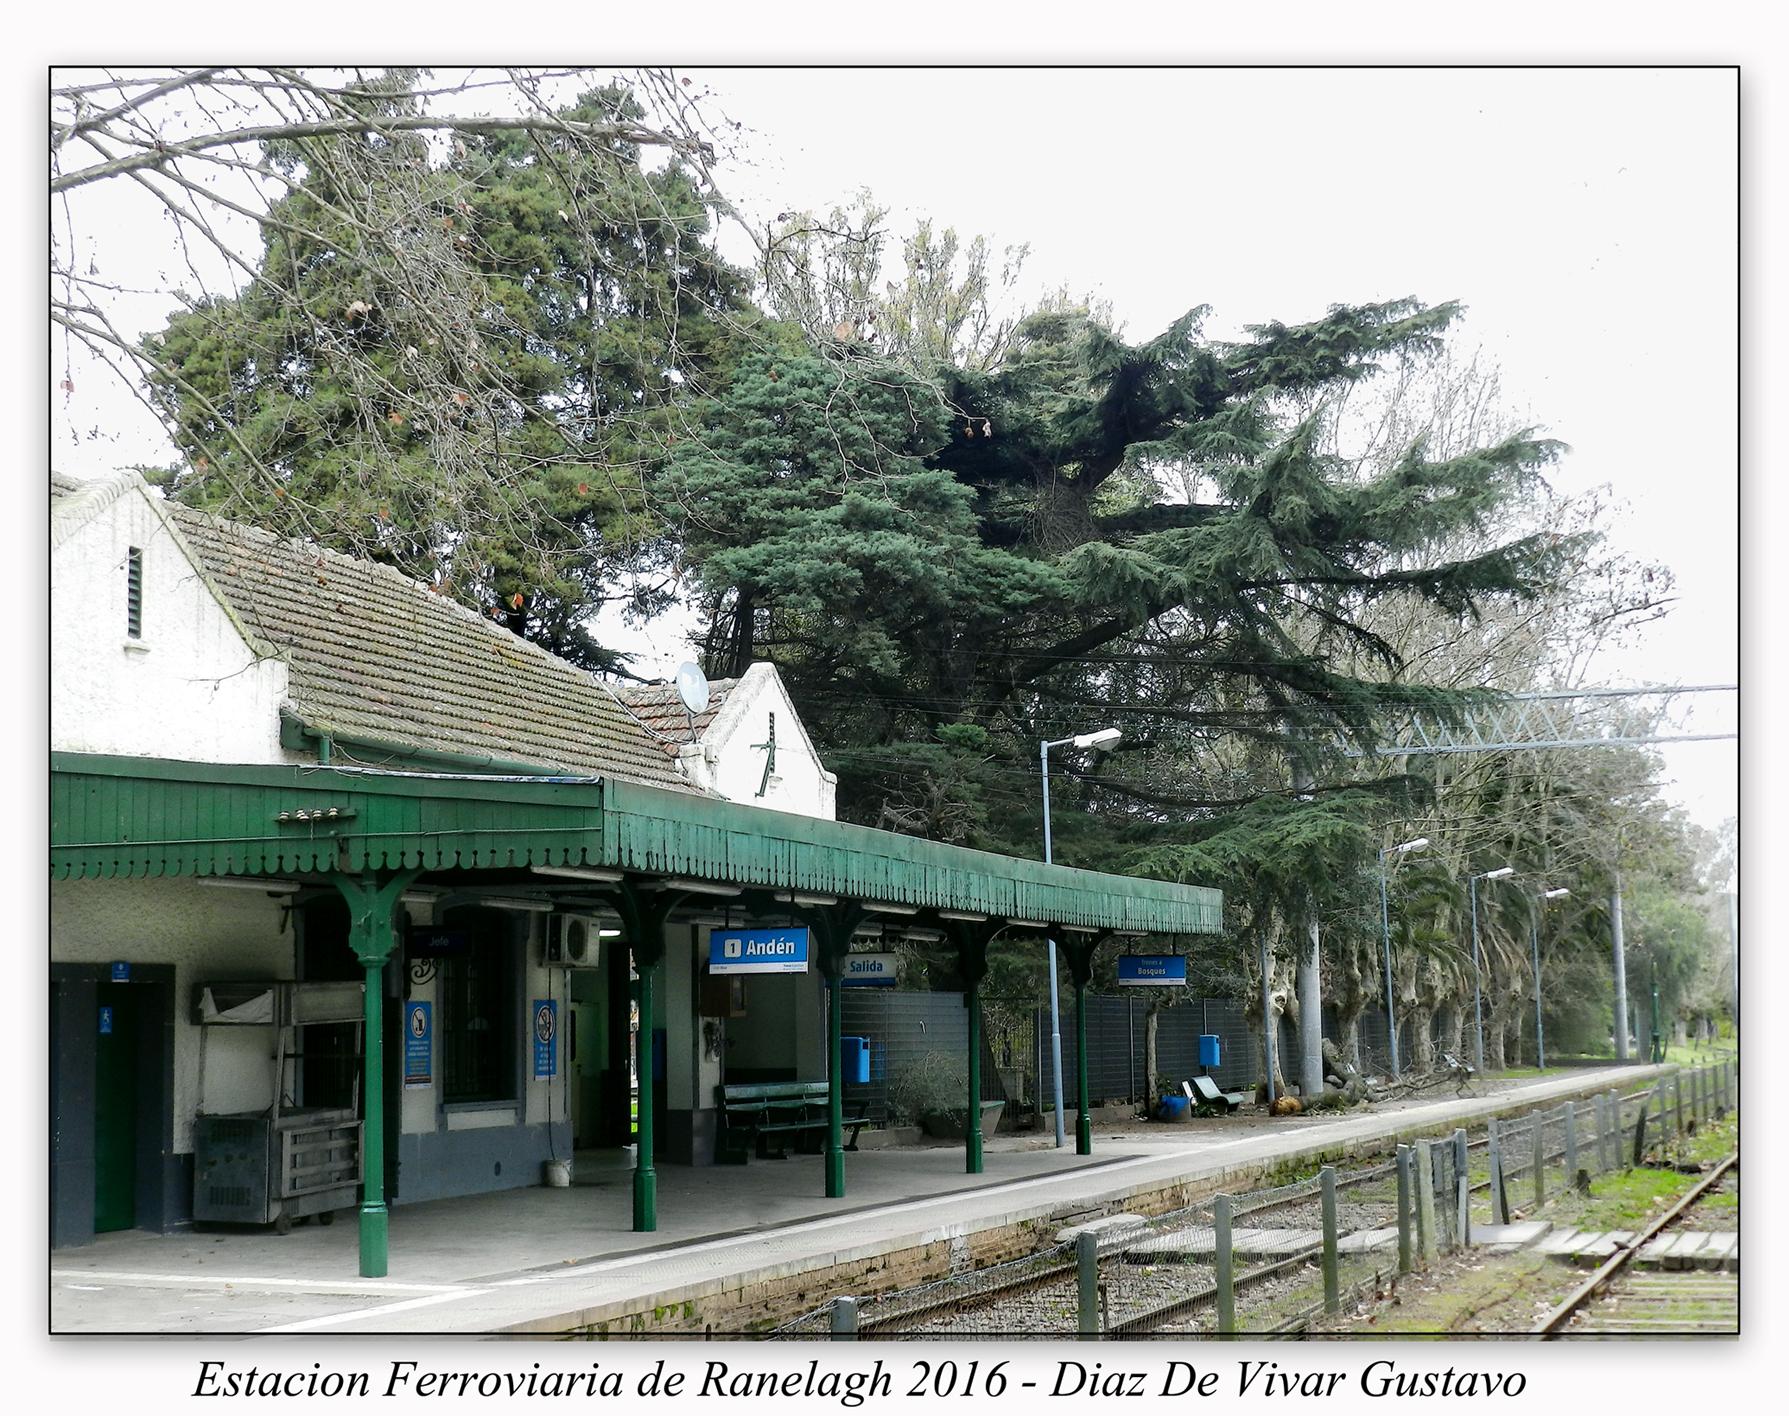 Estacion ferroviaria Ranelagh medio - Diaz De Vivar Gustavo